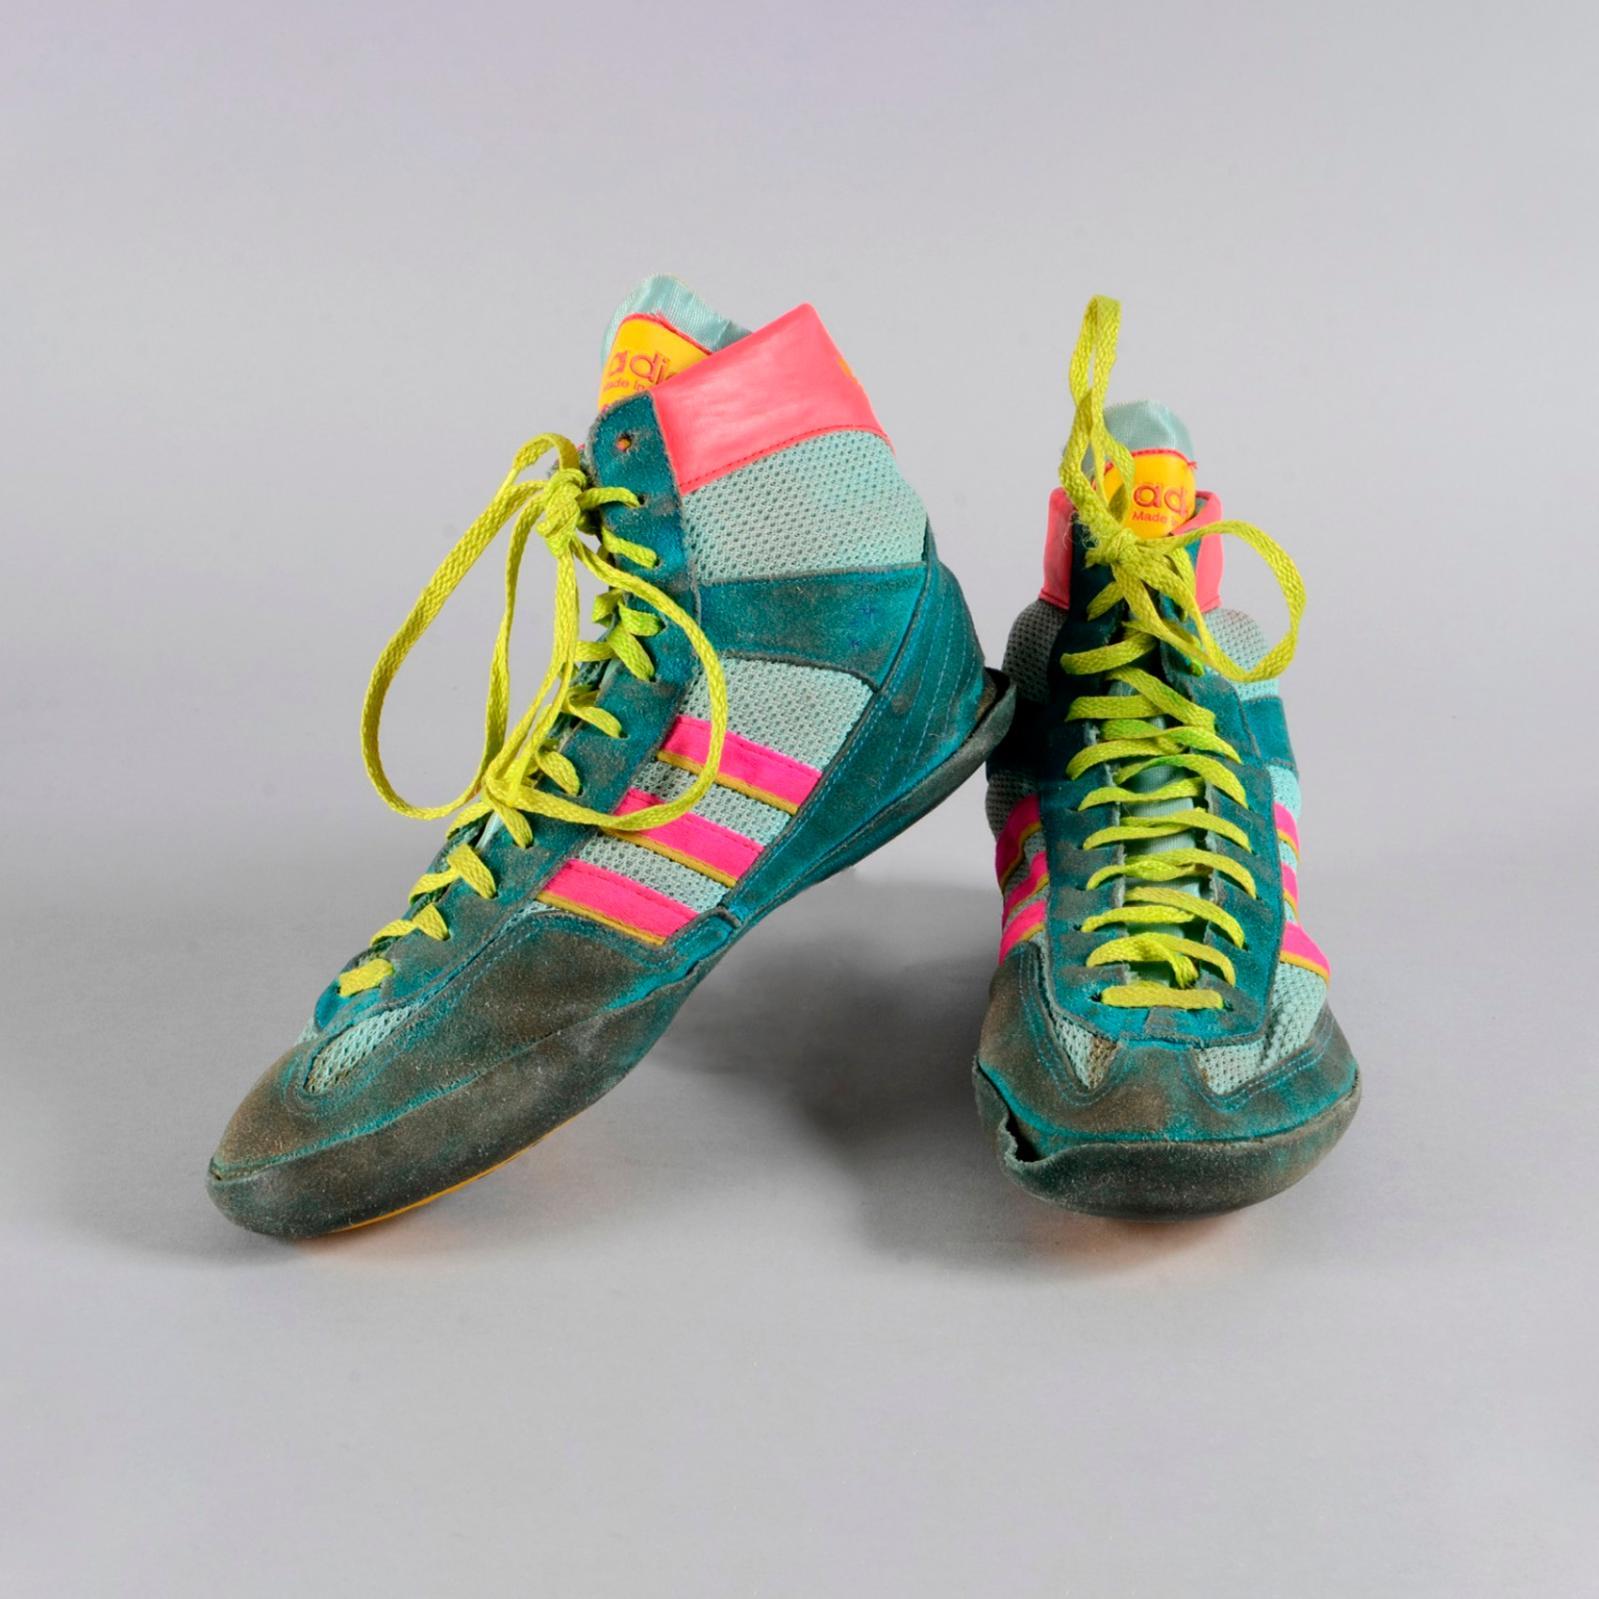 481€ Paire de chaussuresde Ghani Yalouz, médaille d'argenten lutte gréco-romaineaux Jeux d'Atlanta en 1996.Drouot, 3juin 2016.Coutau-